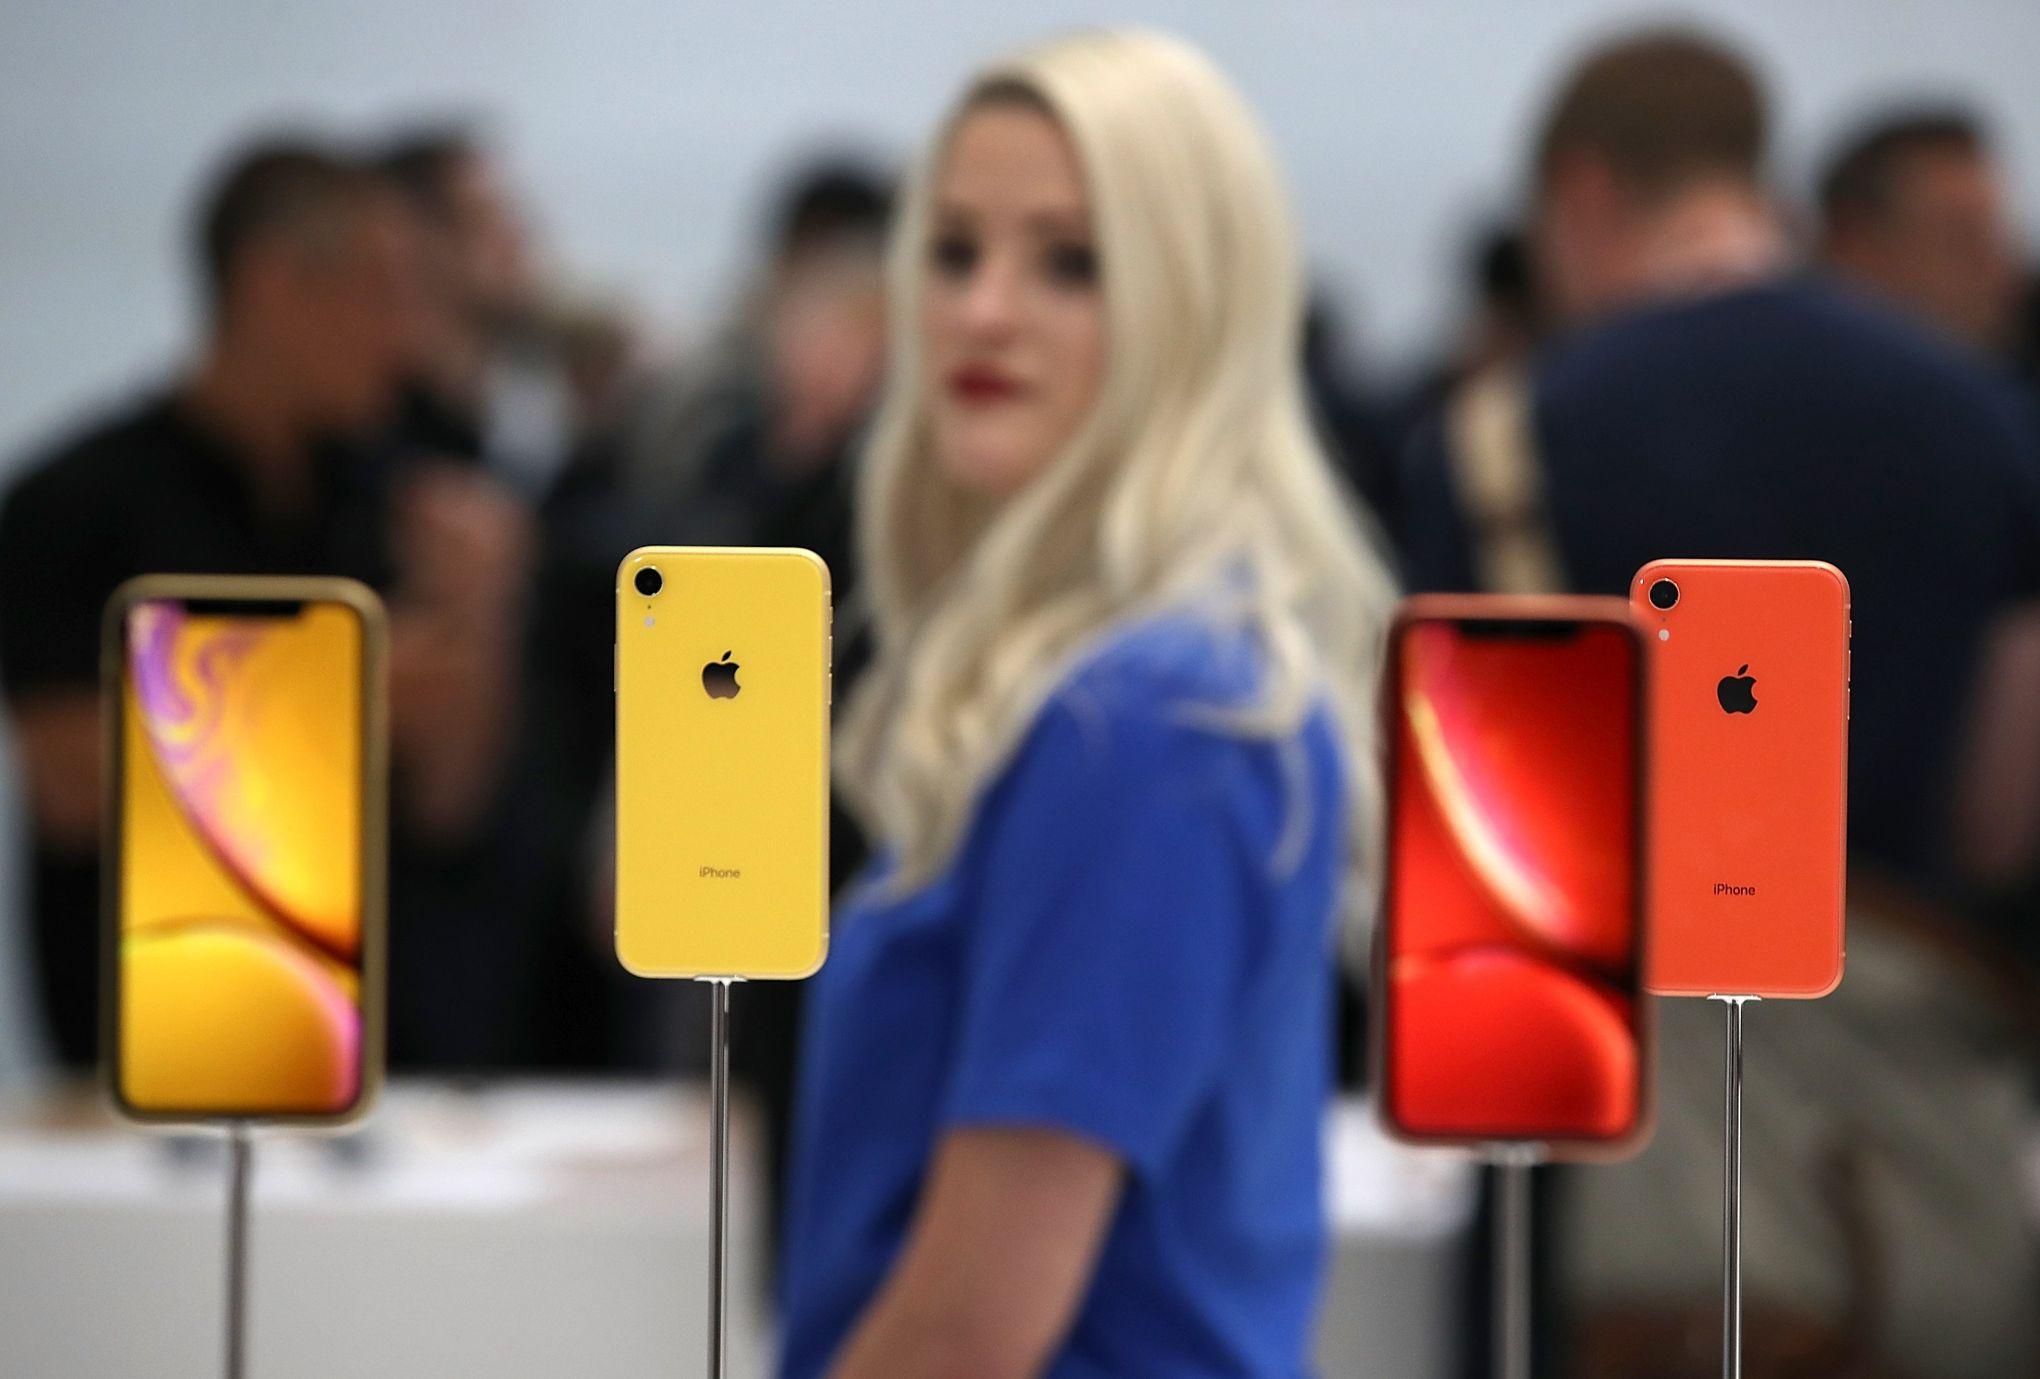 Pour La Premiere Fois Le Meilleur Des Iphone N Est Pas Le Plus Cher